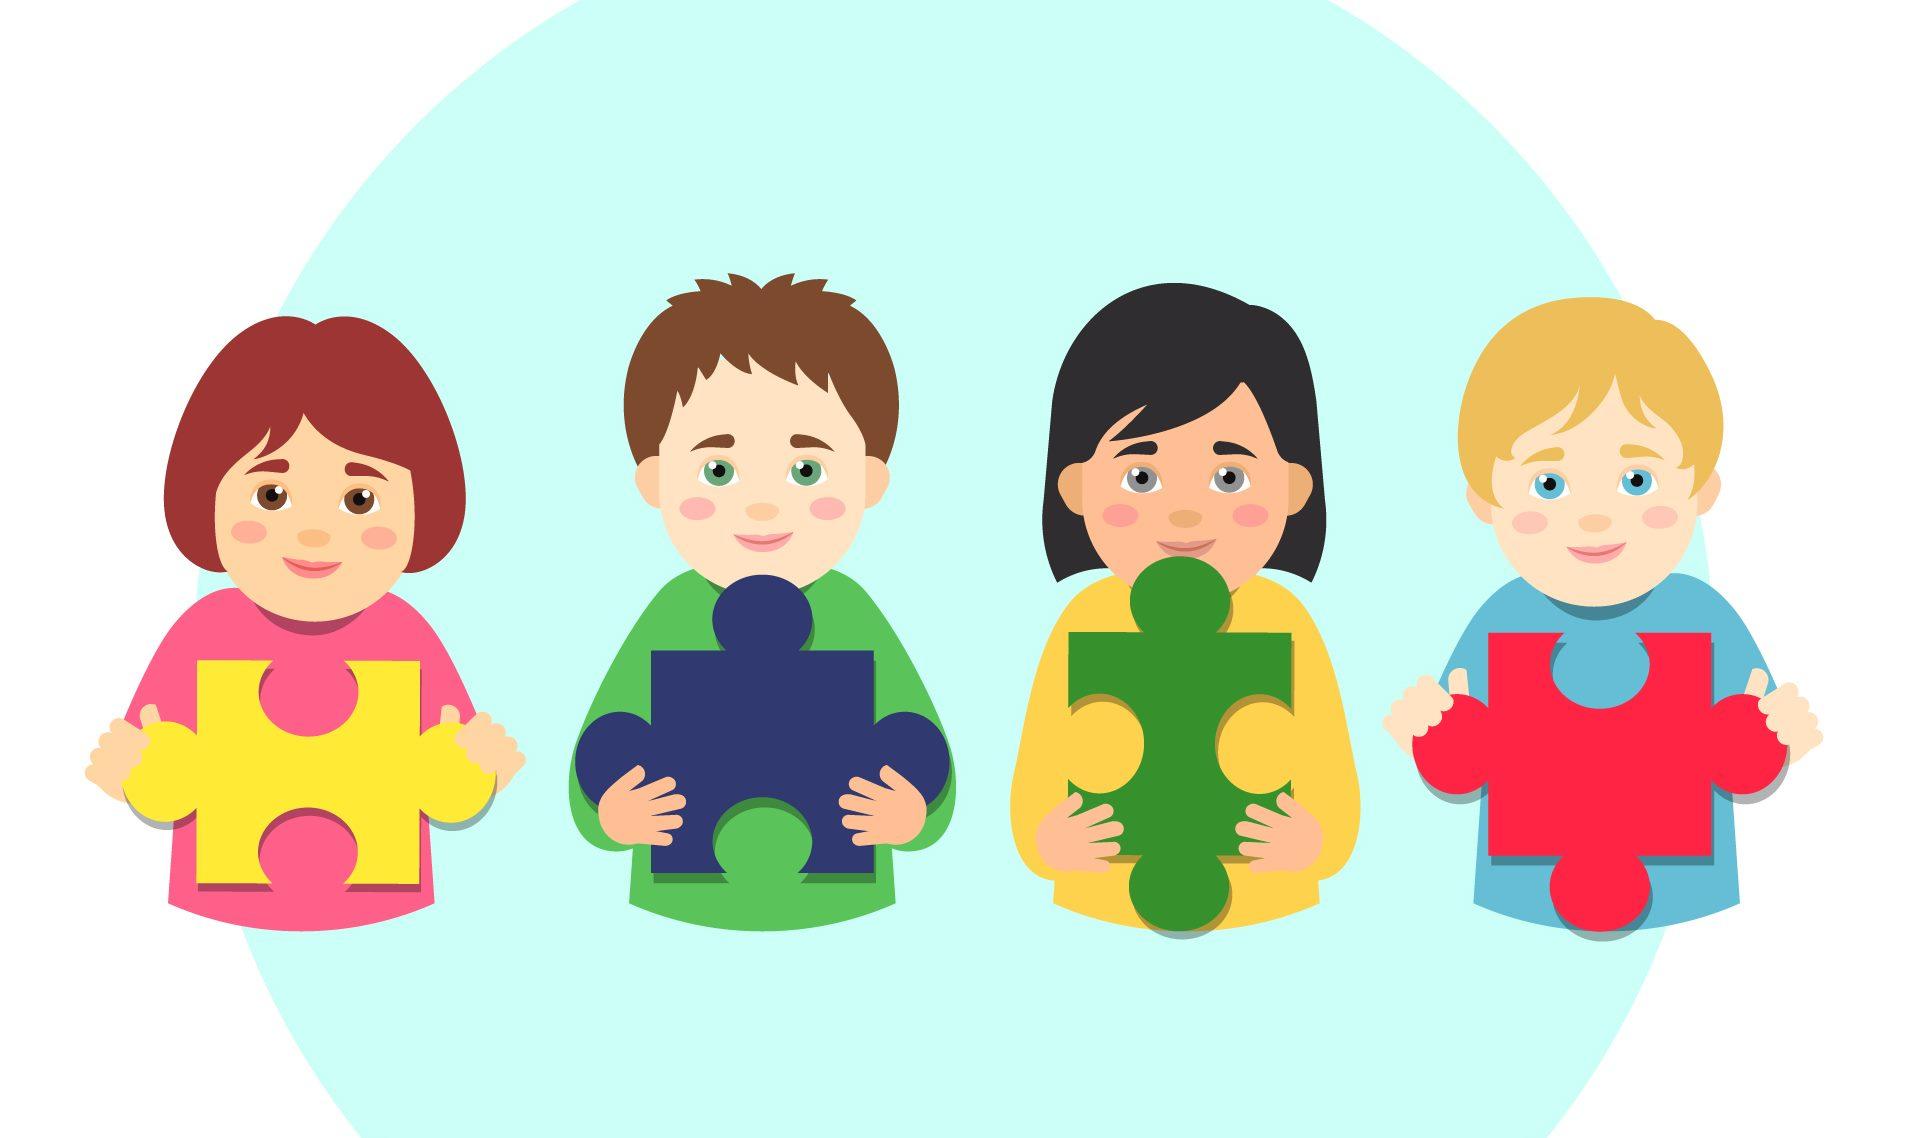 Коррекционно-педагогическая помощь детям с расстройствами аутистического спектра